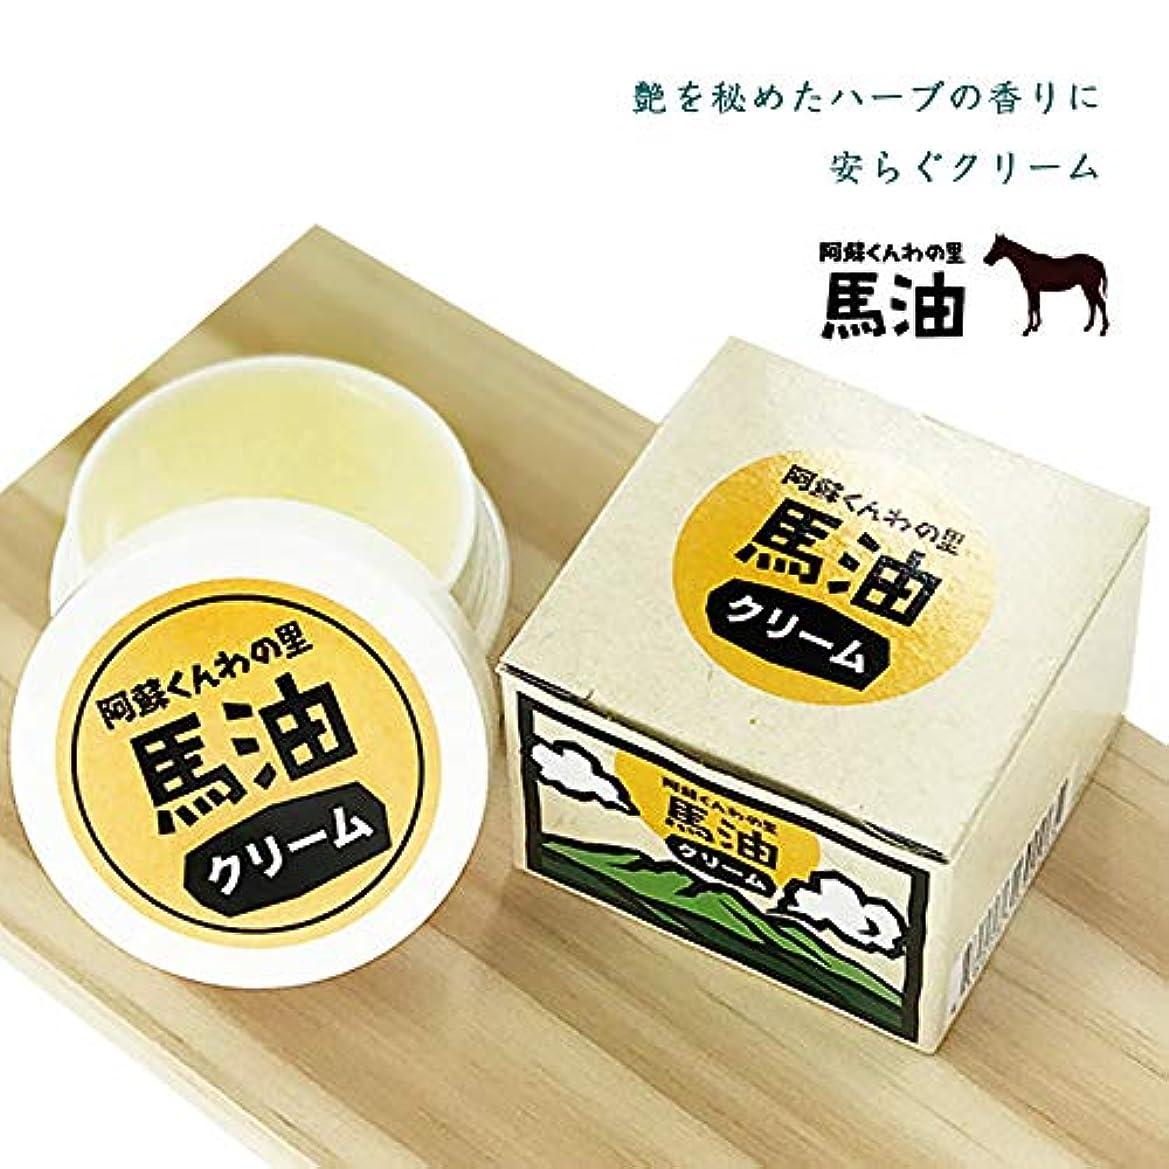 堂々たる寄生虫充実馬油 クリーム 3個セット 阿蘇 くんわの里 保湿 乾燥対策